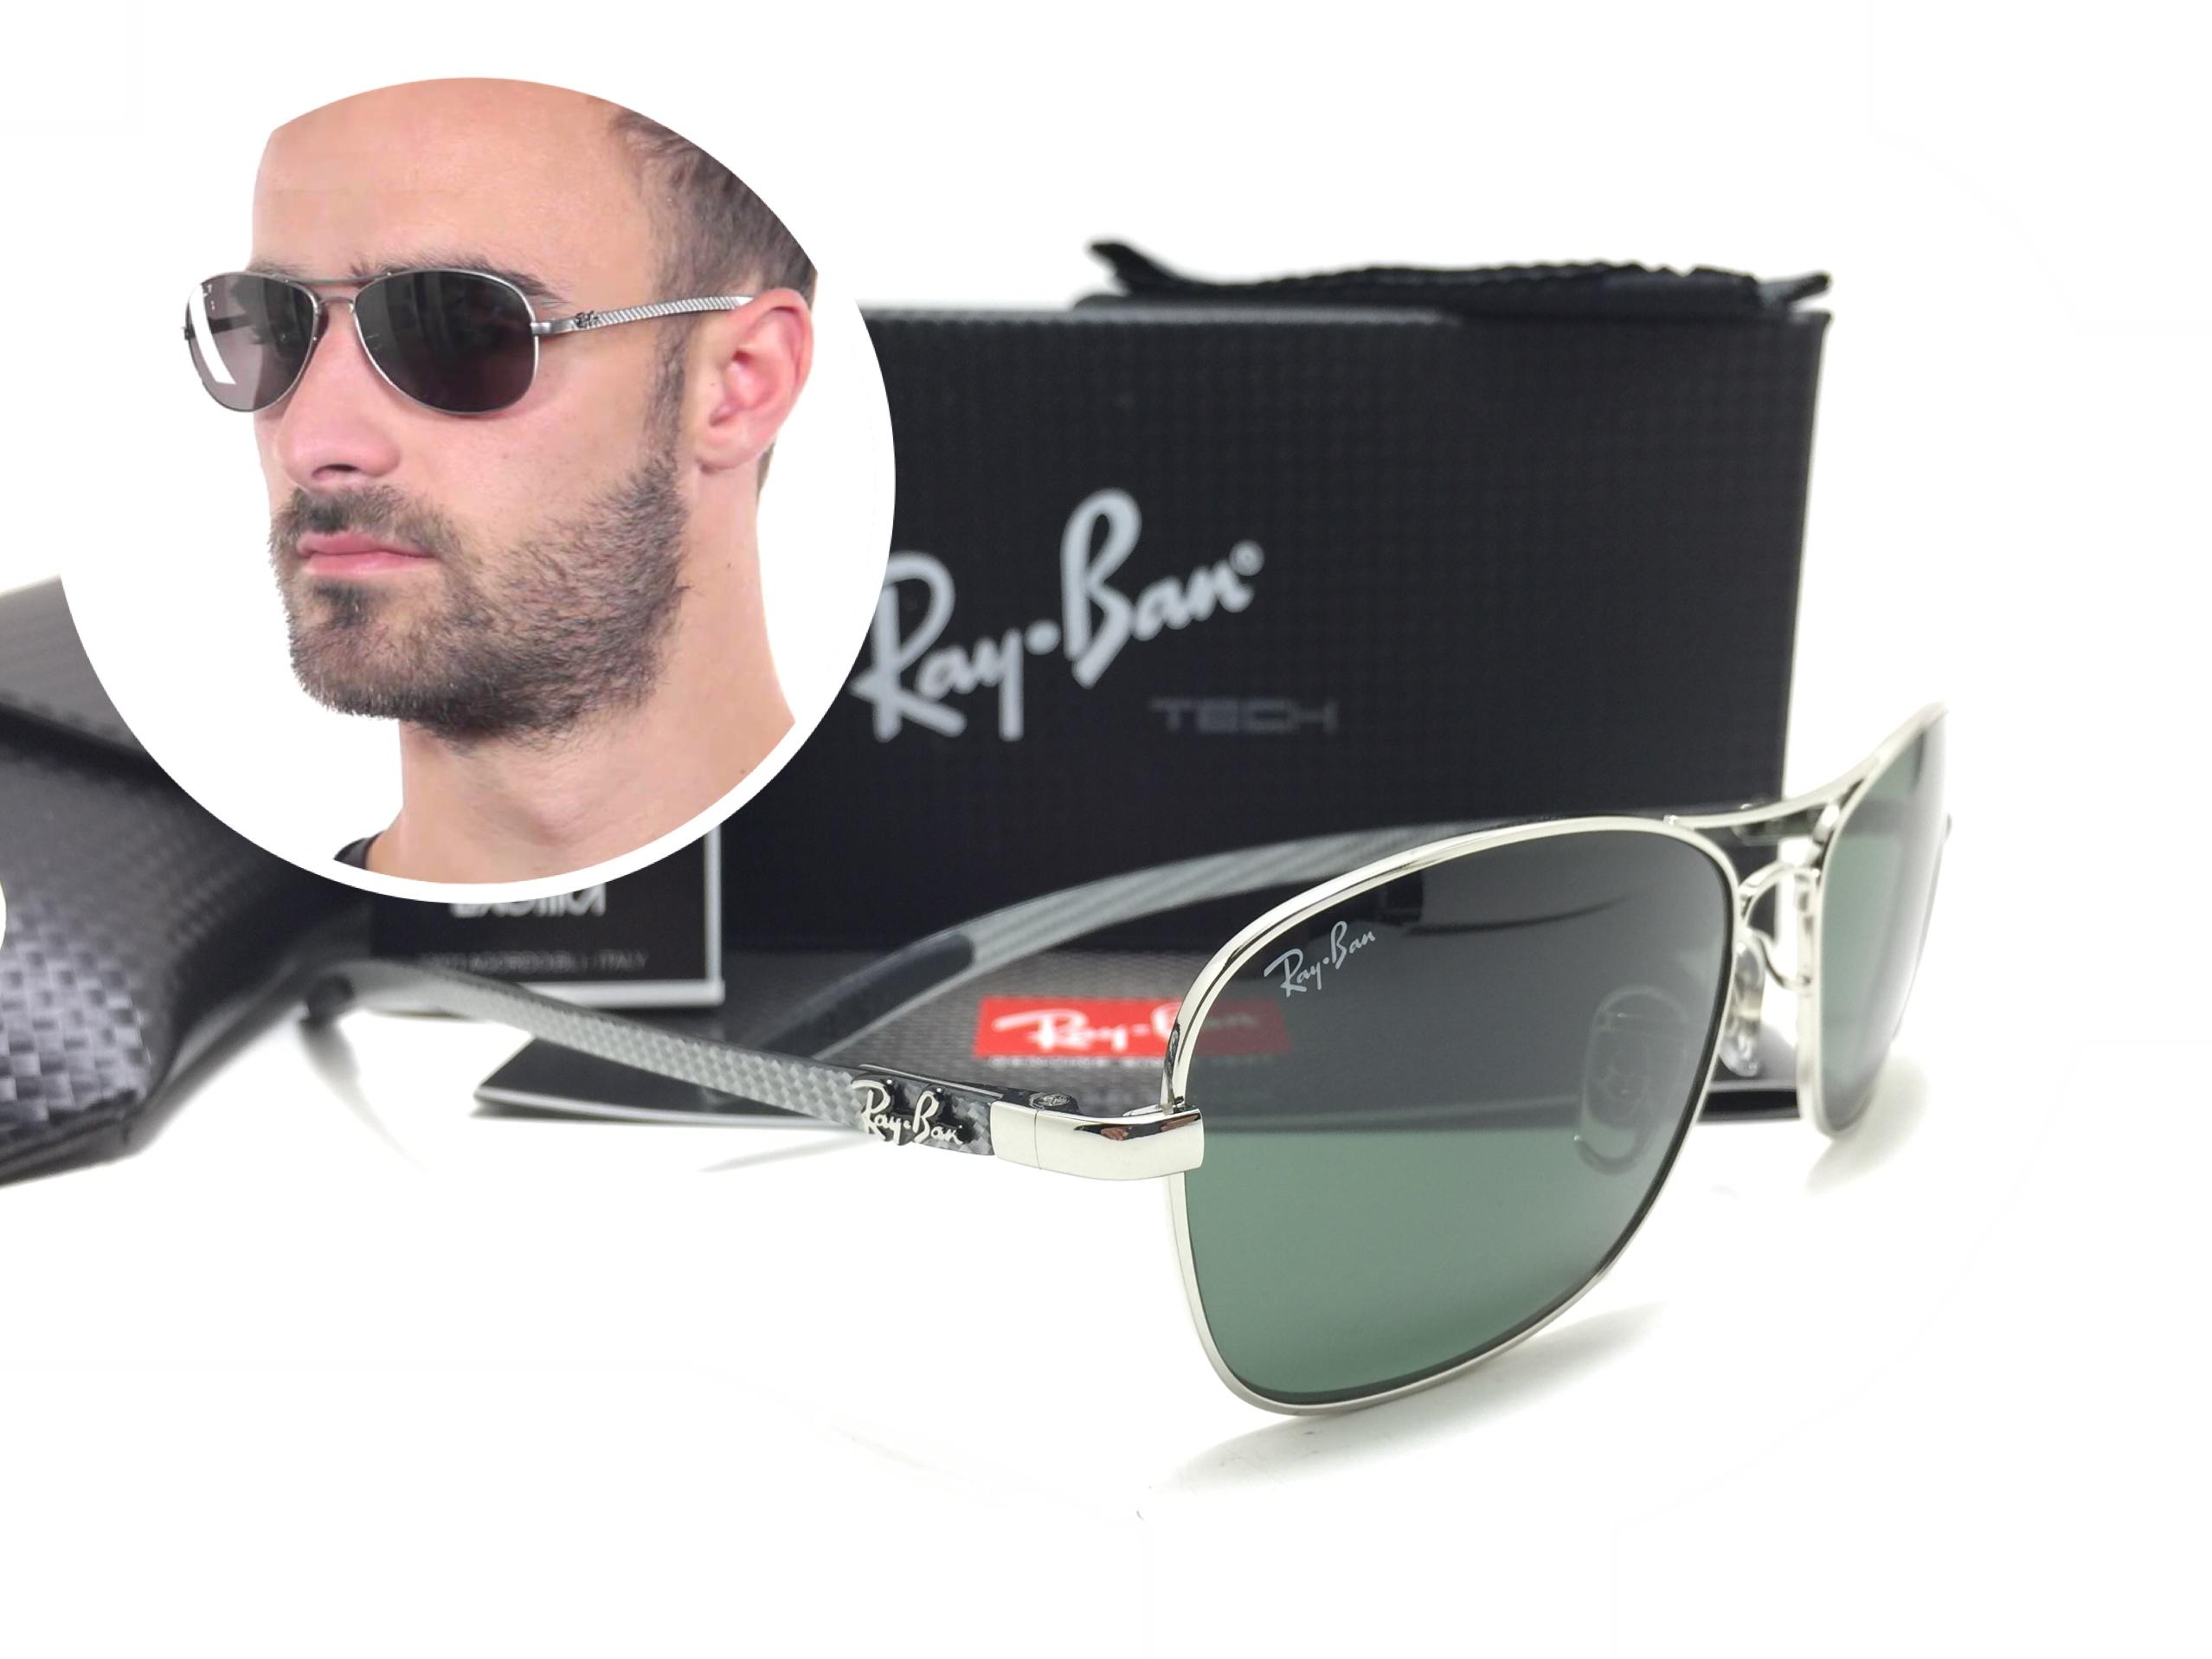 แว่นกันแดด RB 8302 Tech Carbon Fibre 003 59-14 3N <เงิน>